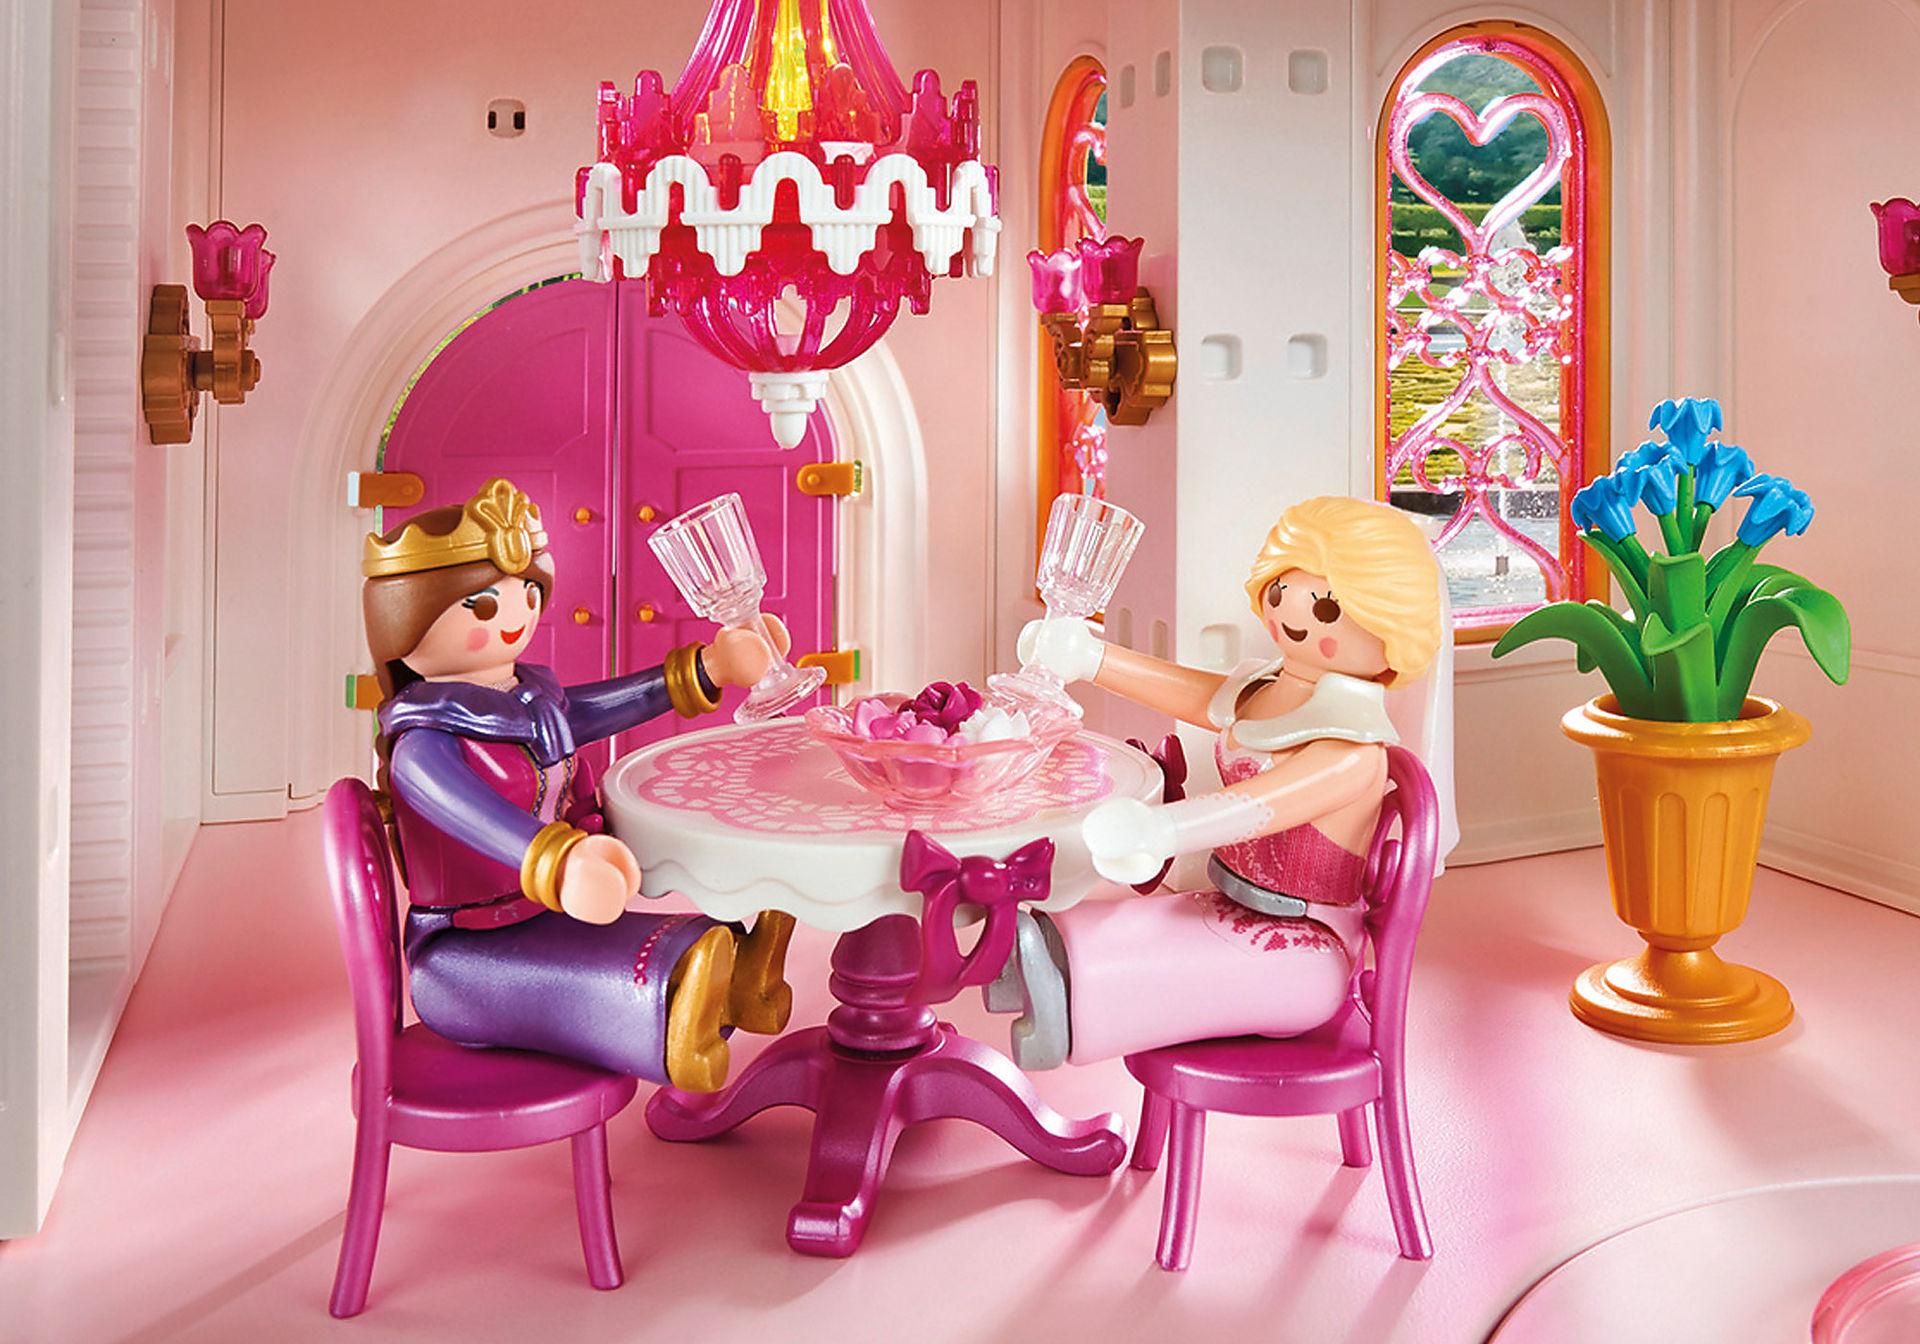 70447 Duży zamek księżniczki zoom image6